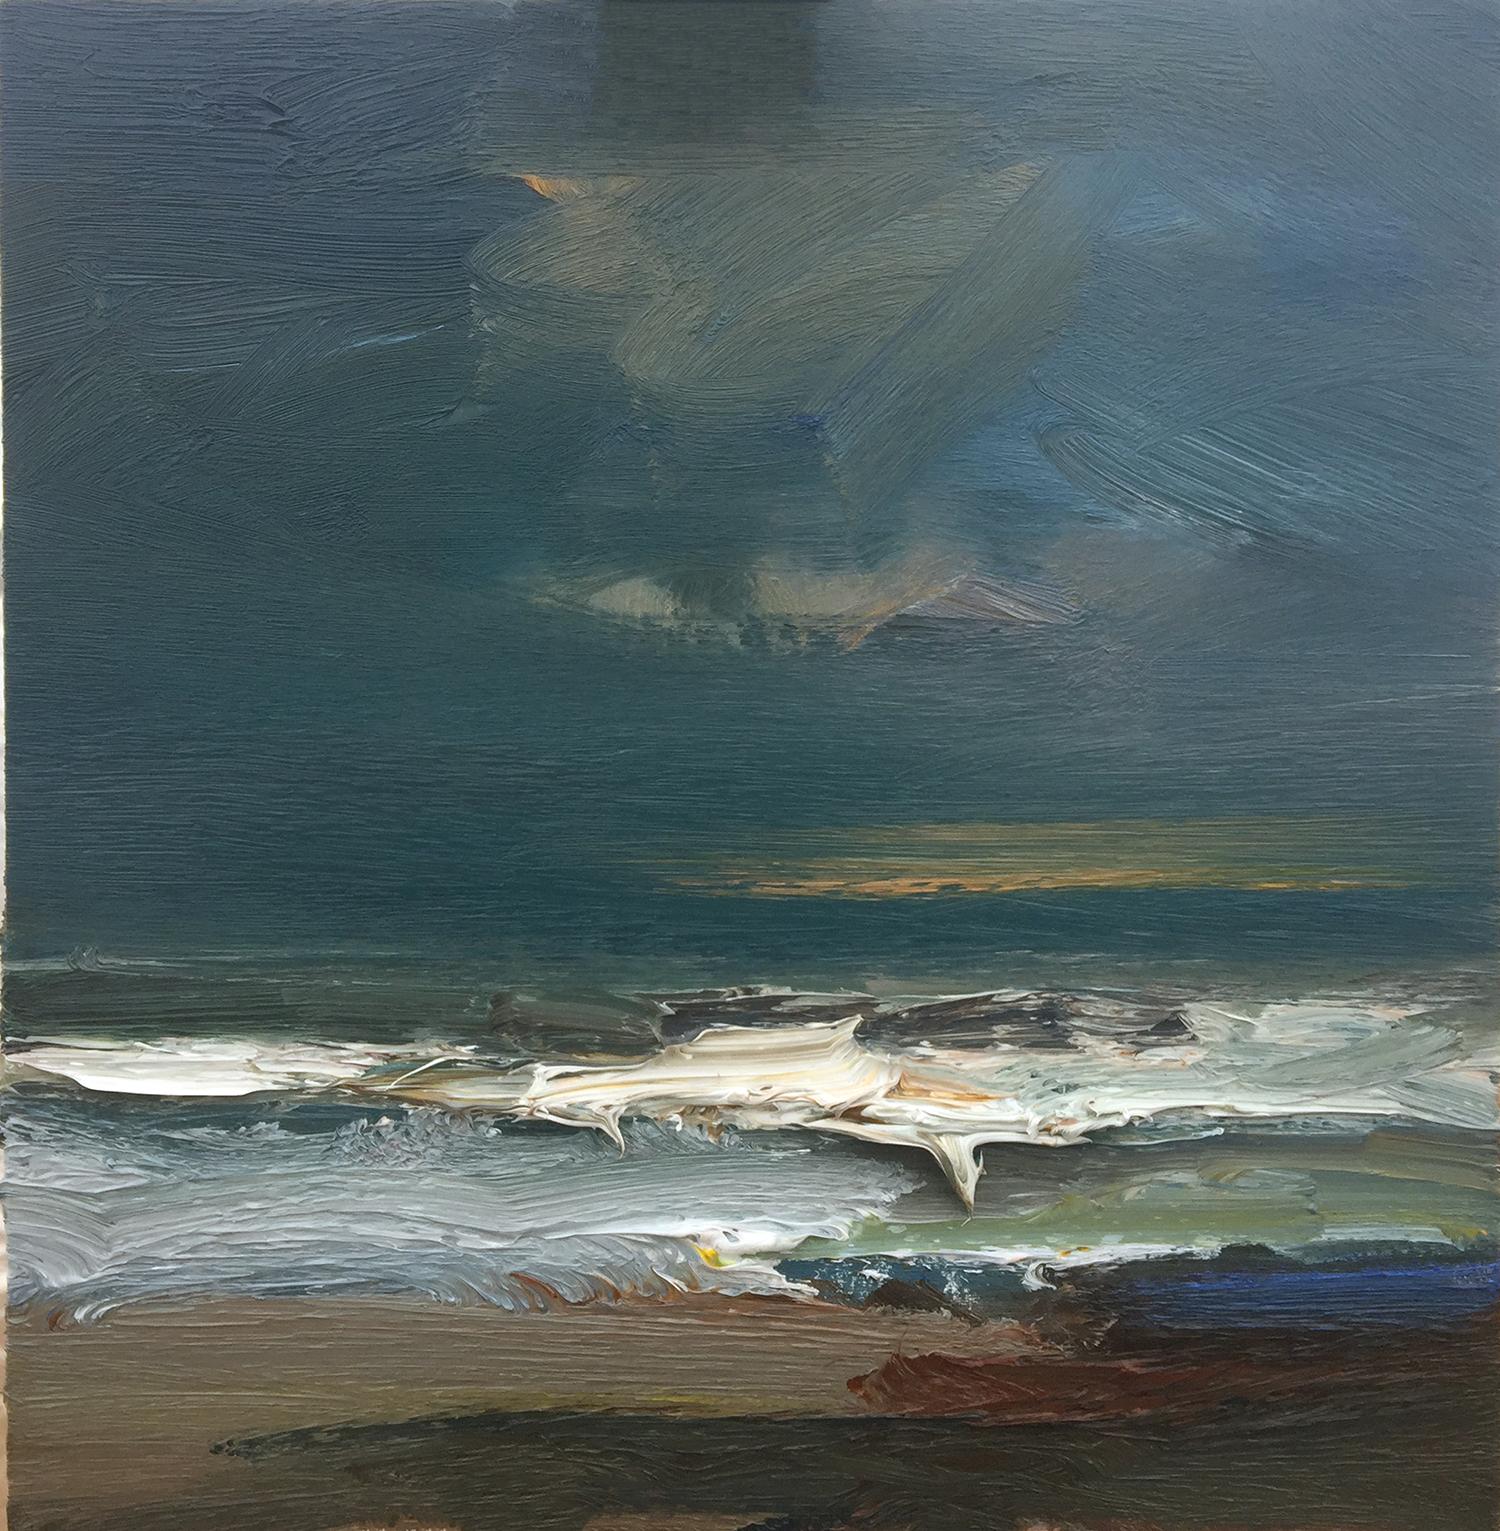 Incoming tide. North Sea